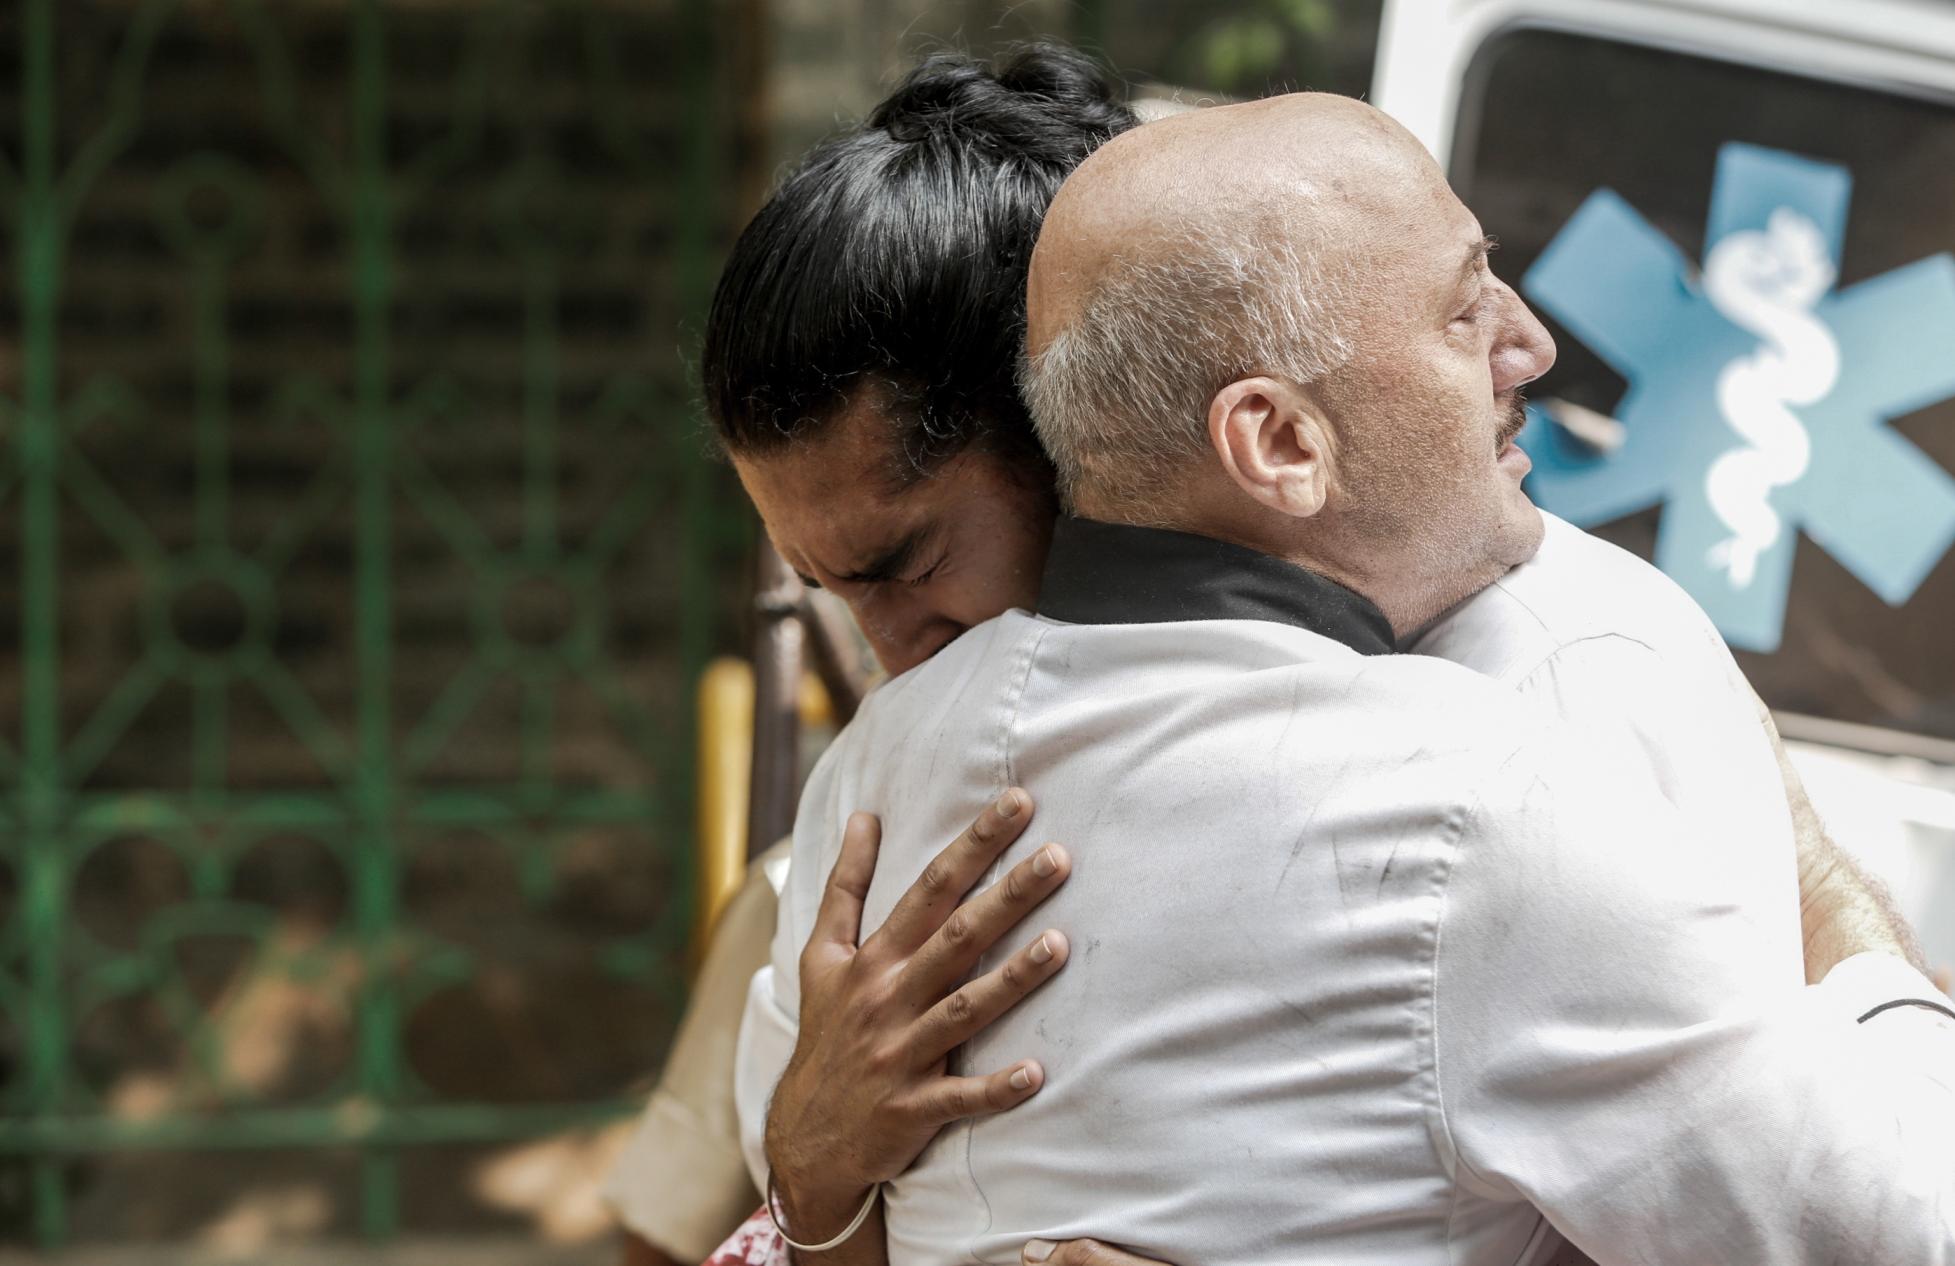 Attacco a Mumbai - Una vera storia di coraggio: una scena del film